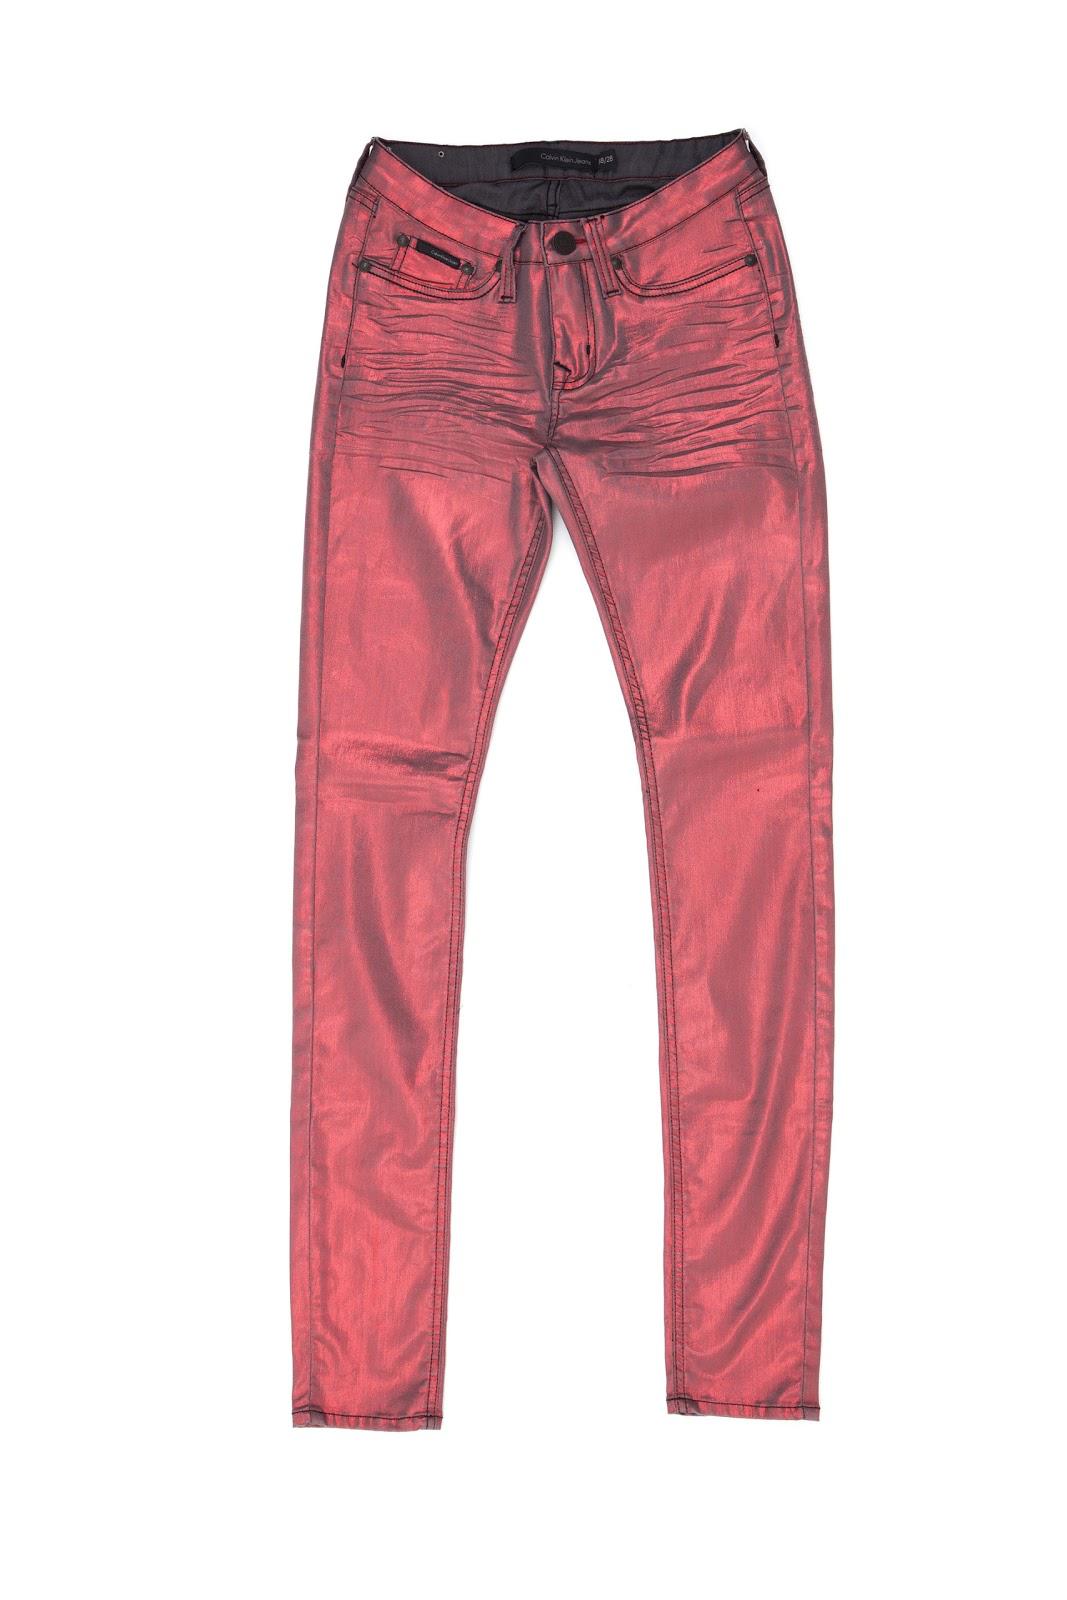 3fff0f1fbf423 Em Curitiba, a Liquid Metal pode ser encontrada nas lojas Calvin Klein  Jeans do ParkShoppingBarigüi e do Shopping Crystal.